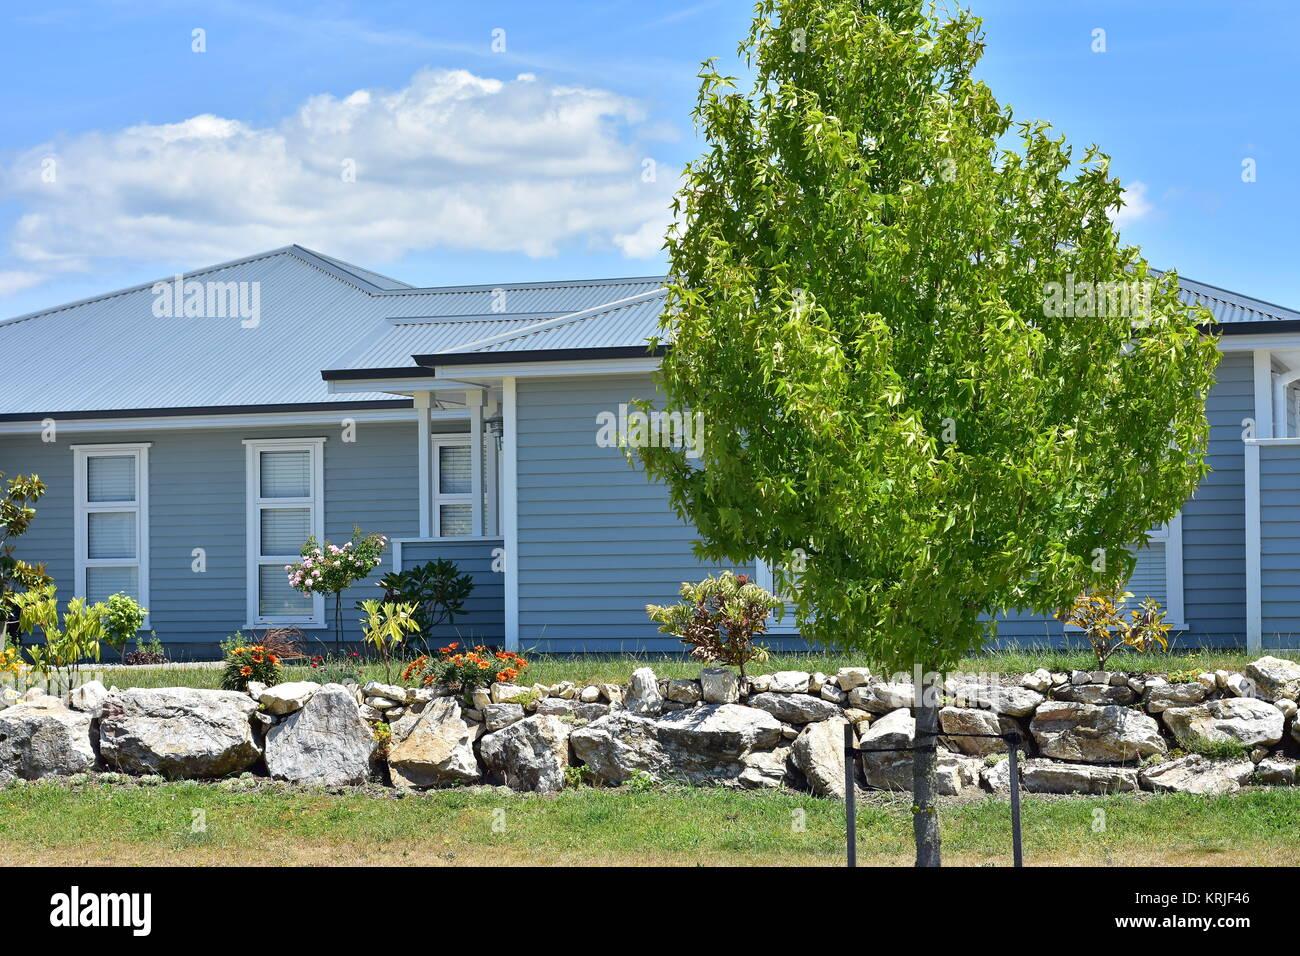 House Wood Cladding Stock Photos \u0026 House Wood Cladding Stock ...